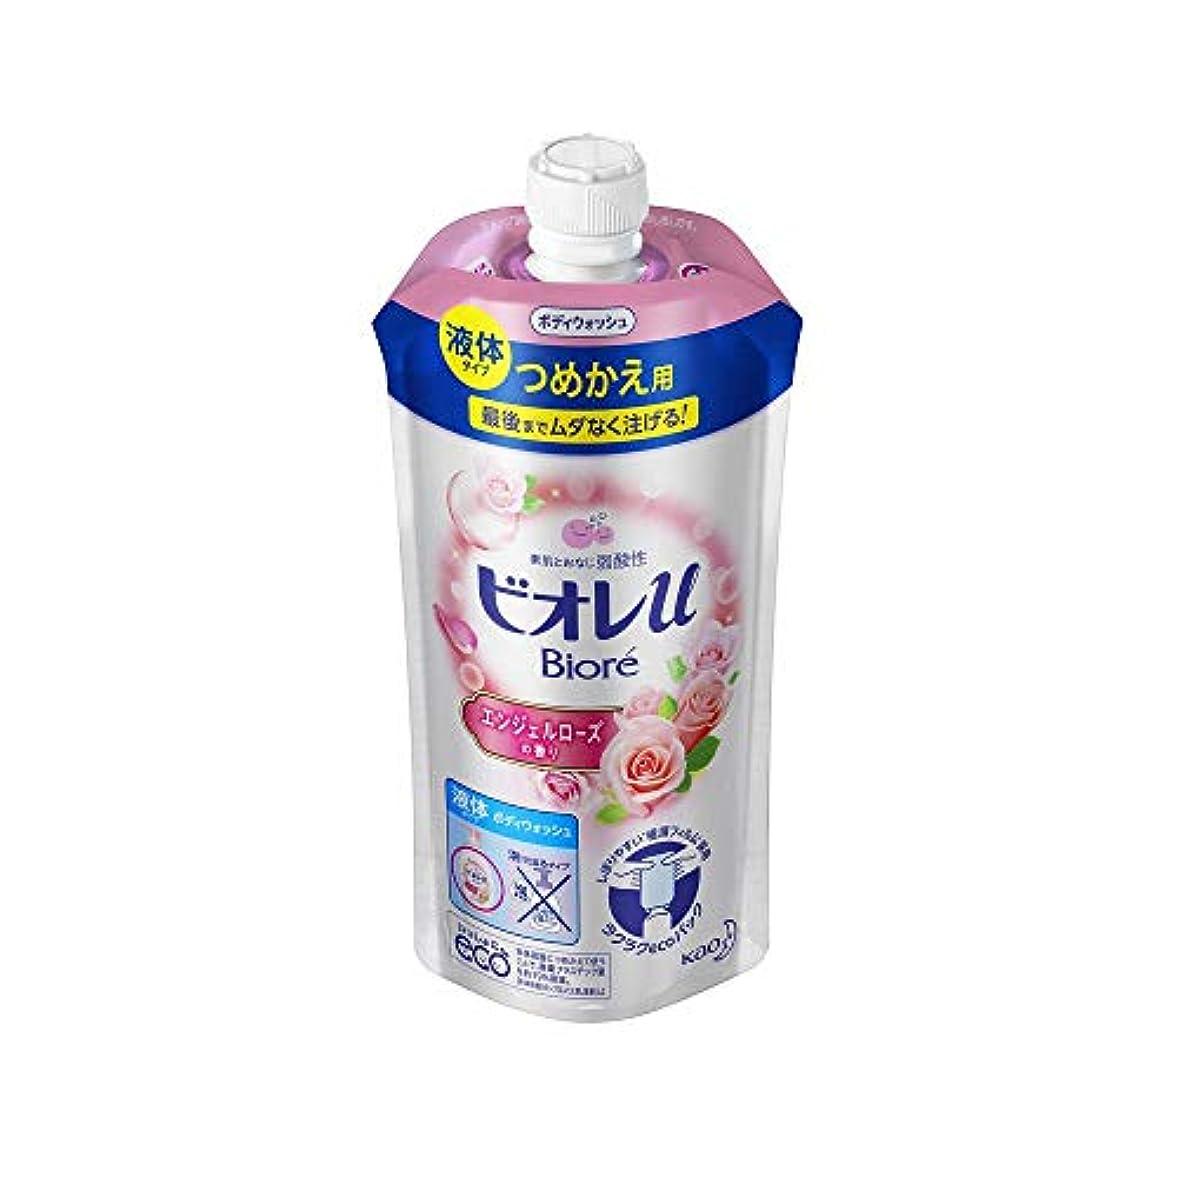 あらゆる種類の咽頭頑固な花王 ビオレu エンジェルローズの香りつめかえ用 340ML